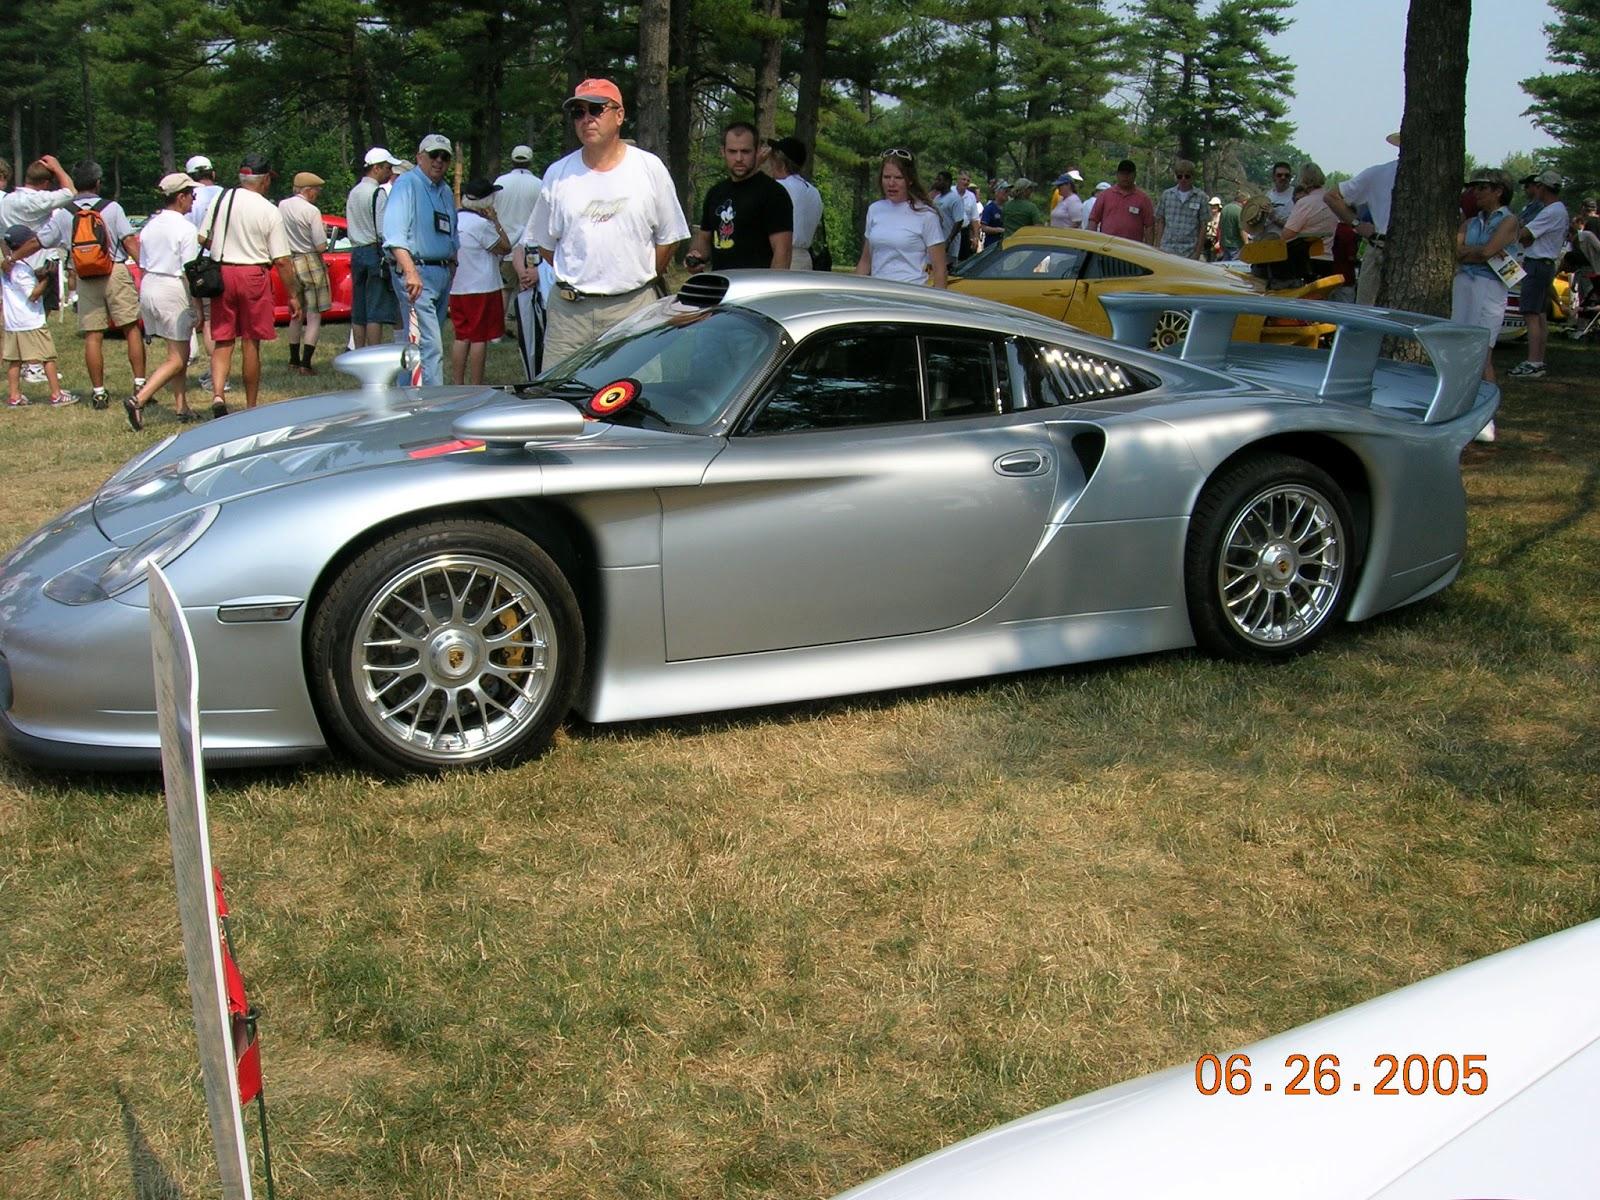 1998+Porsche+GT1+Strassenversion+Street+Version+3 Terrific Porsche 911 Gt1 98 Road Car Cars Trend